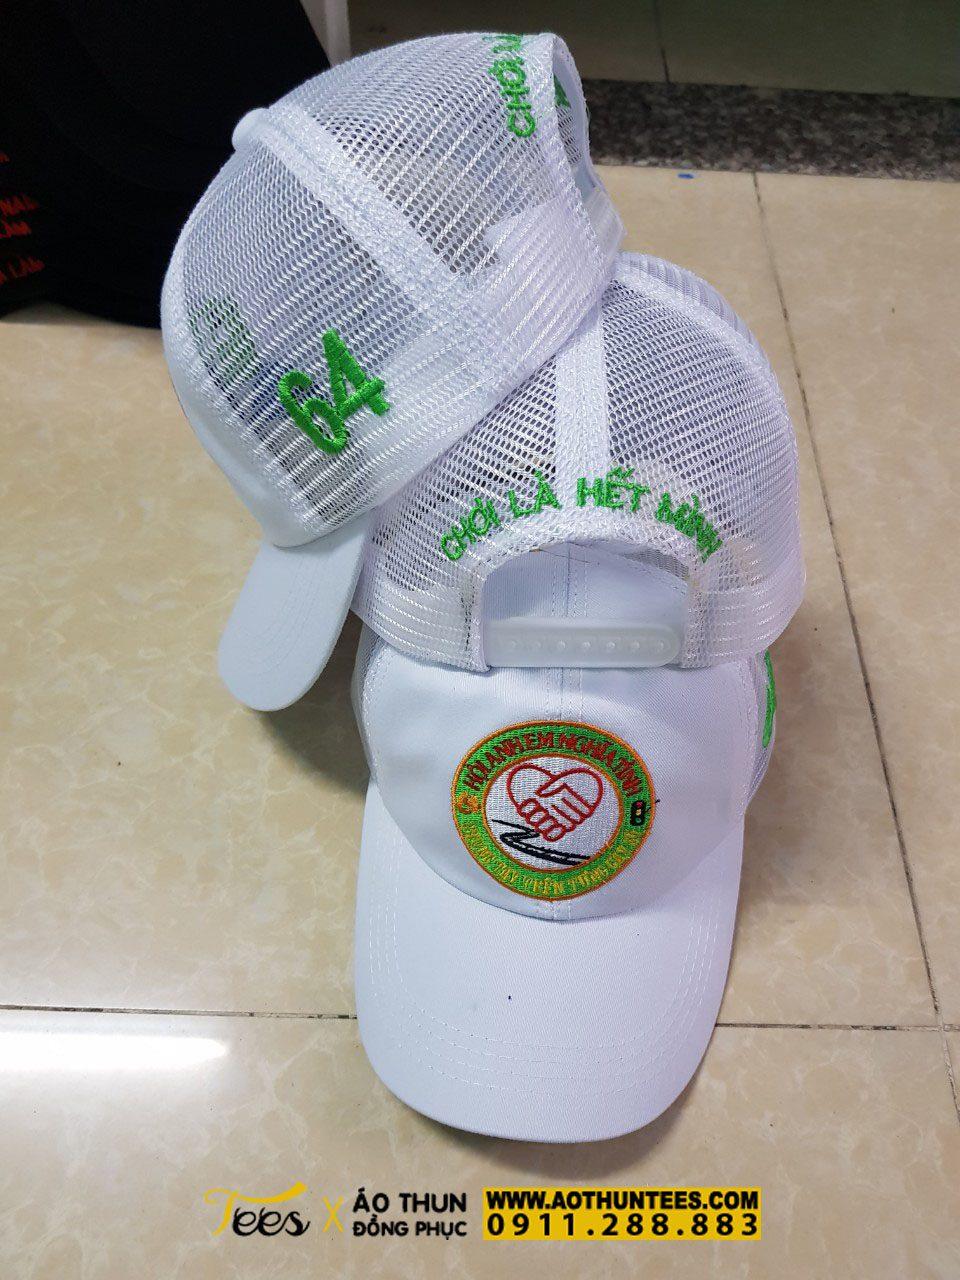 44c3cec6ac104b4e1201 - Giới thiệu về đồng phục nón